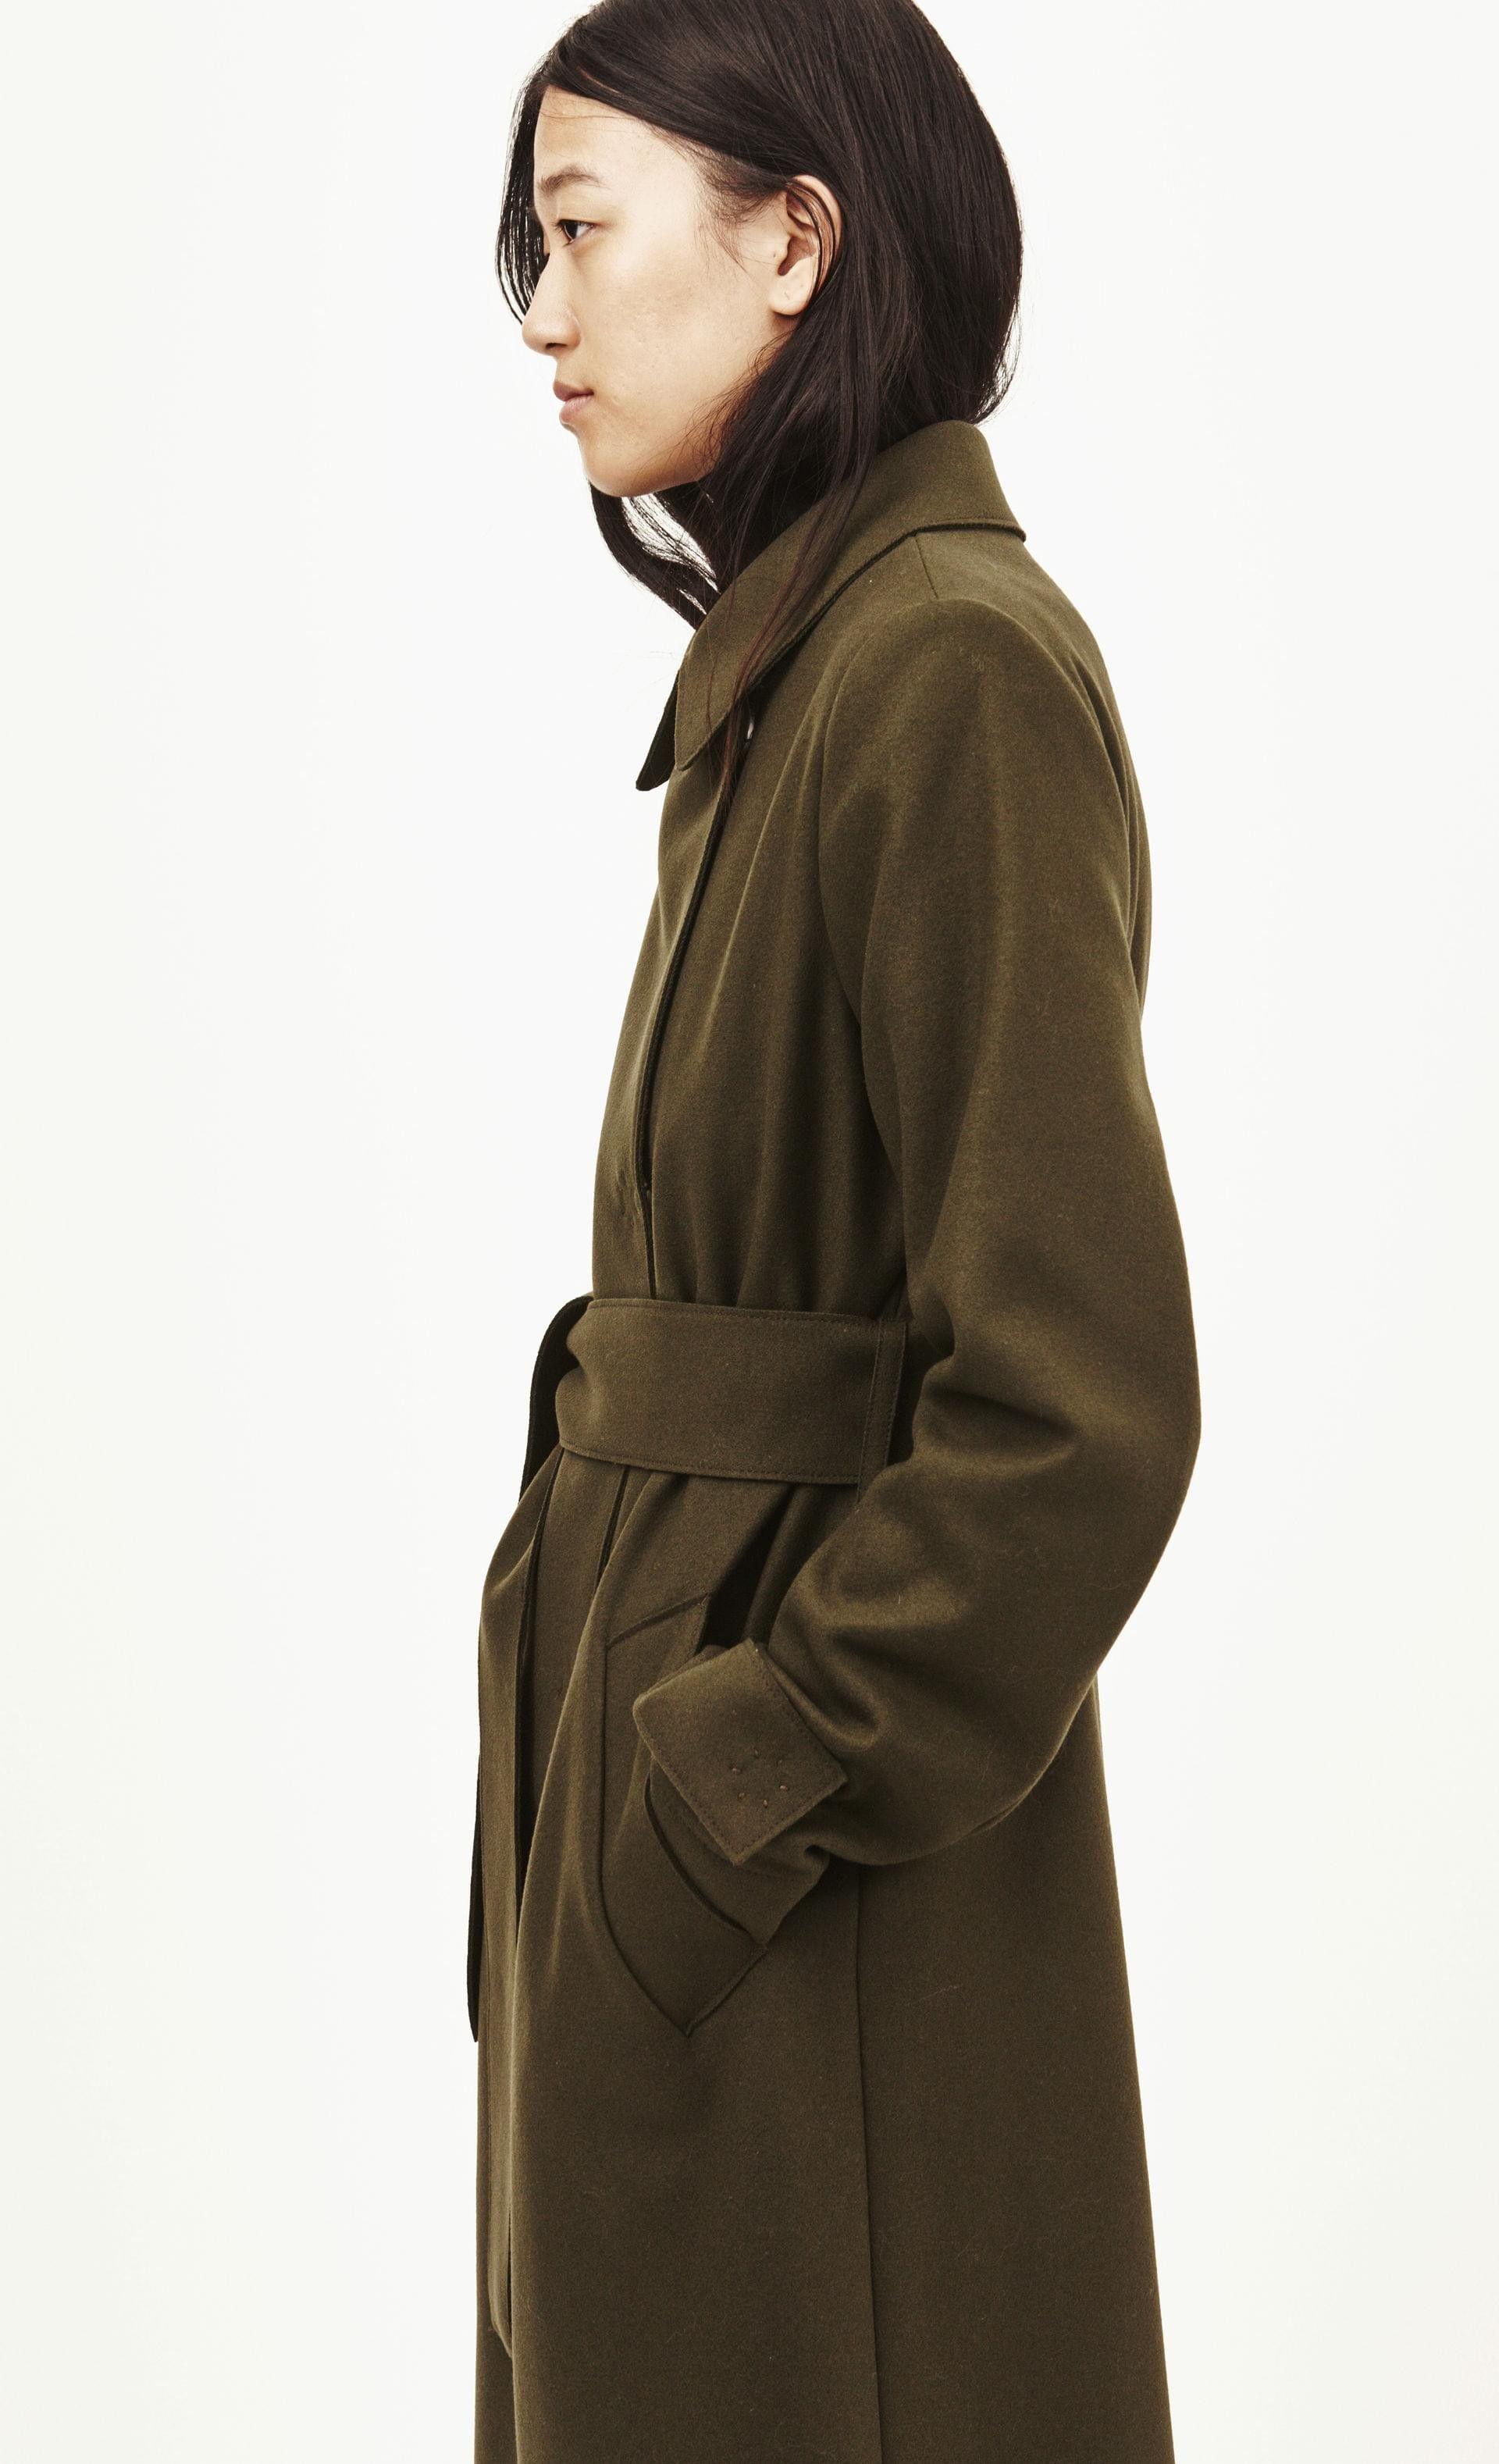 Kaksirivinen takki on villa-polyamidisekoitetta, ja siinä on piilopainonapit. Leikkaus on hieman levenevä, helma ulottuu polviin ja takana on halkio. Siinä on vuori ja viistot halkiotaskut, ja mukana tulee vyö. Laakaommellut reunat on leikattu laserilla.